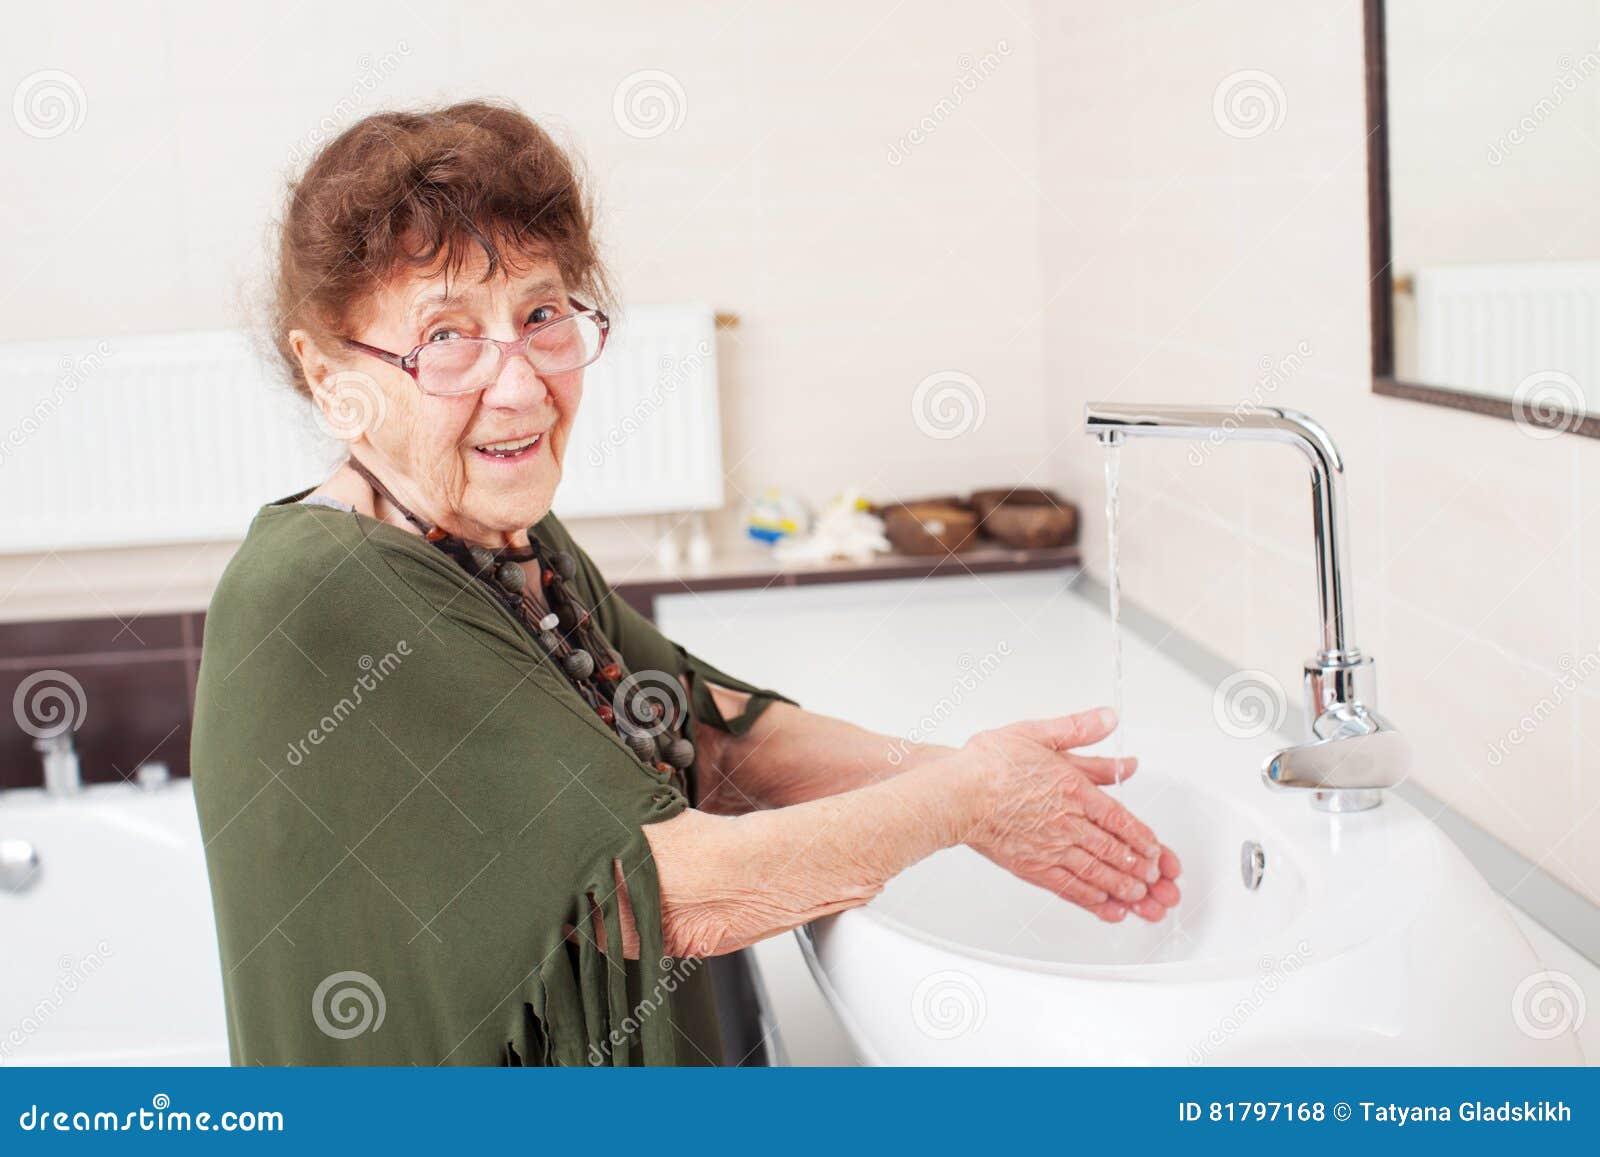 Оля арнтгольц фото старушек в ванной